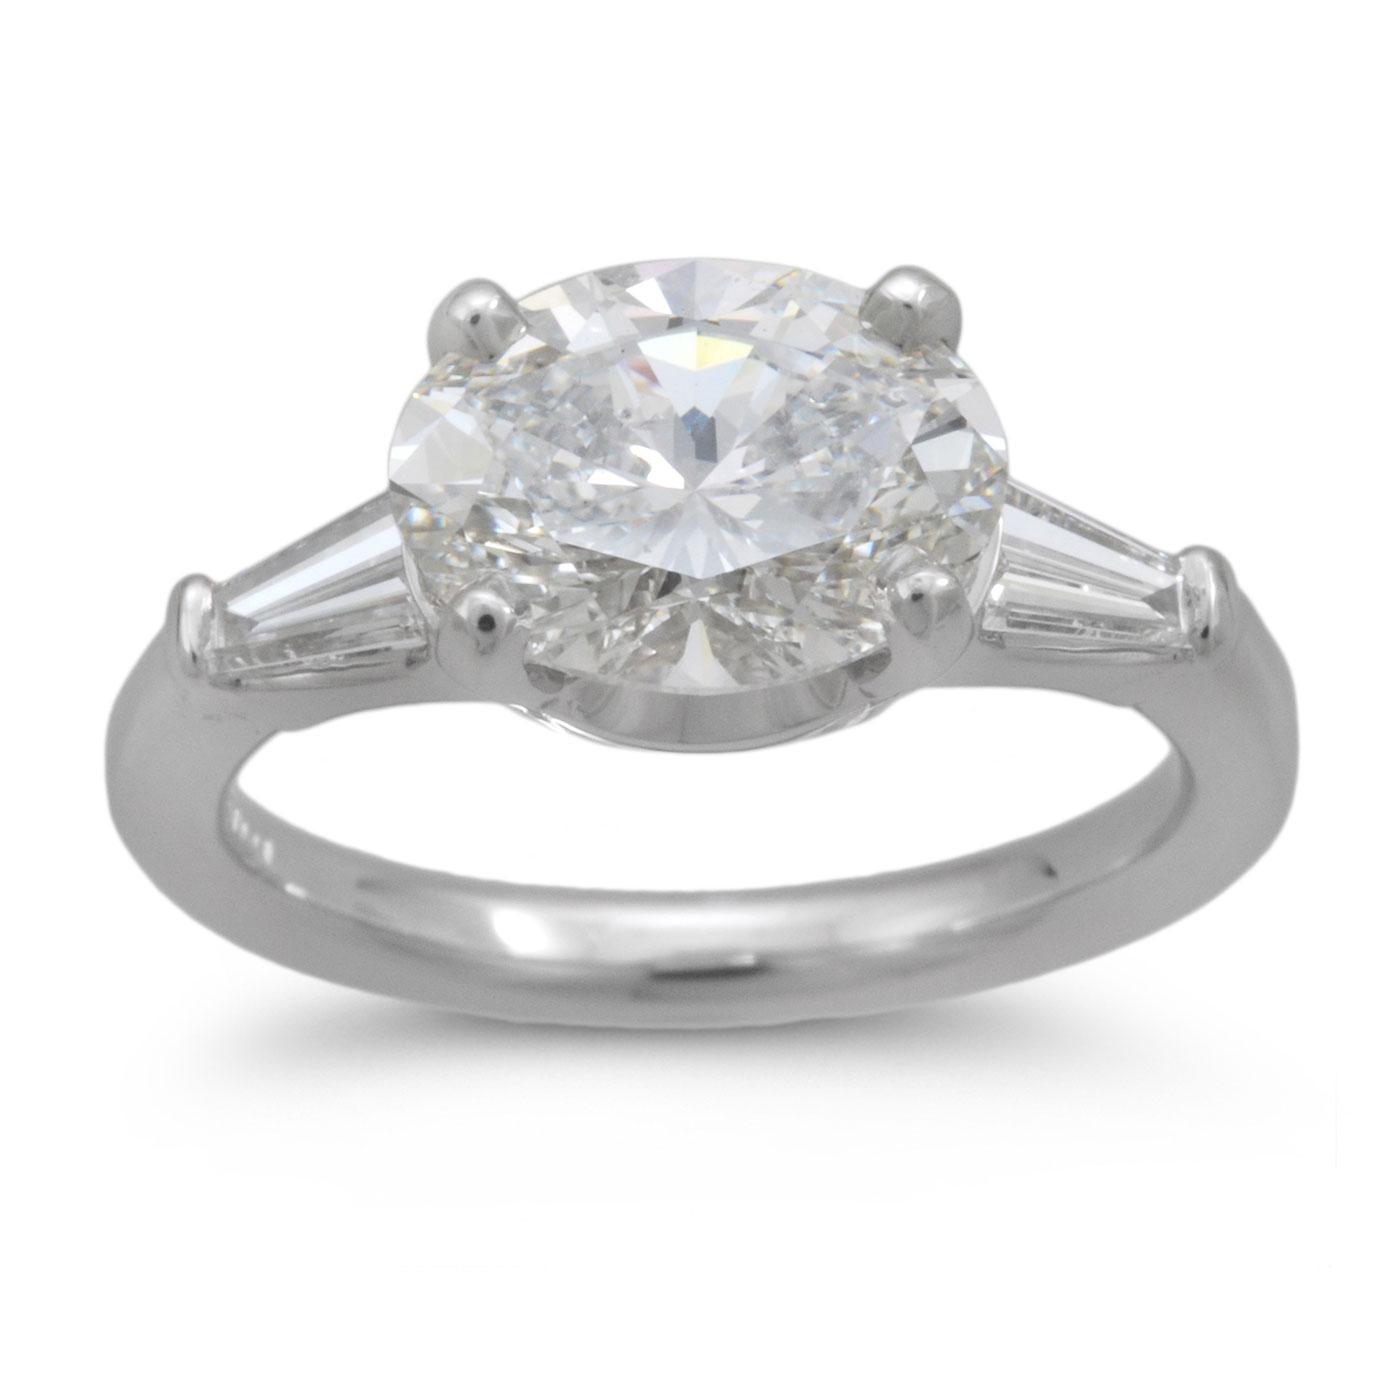 C6612 Saddle Set Oval Diamond Engagement Ring